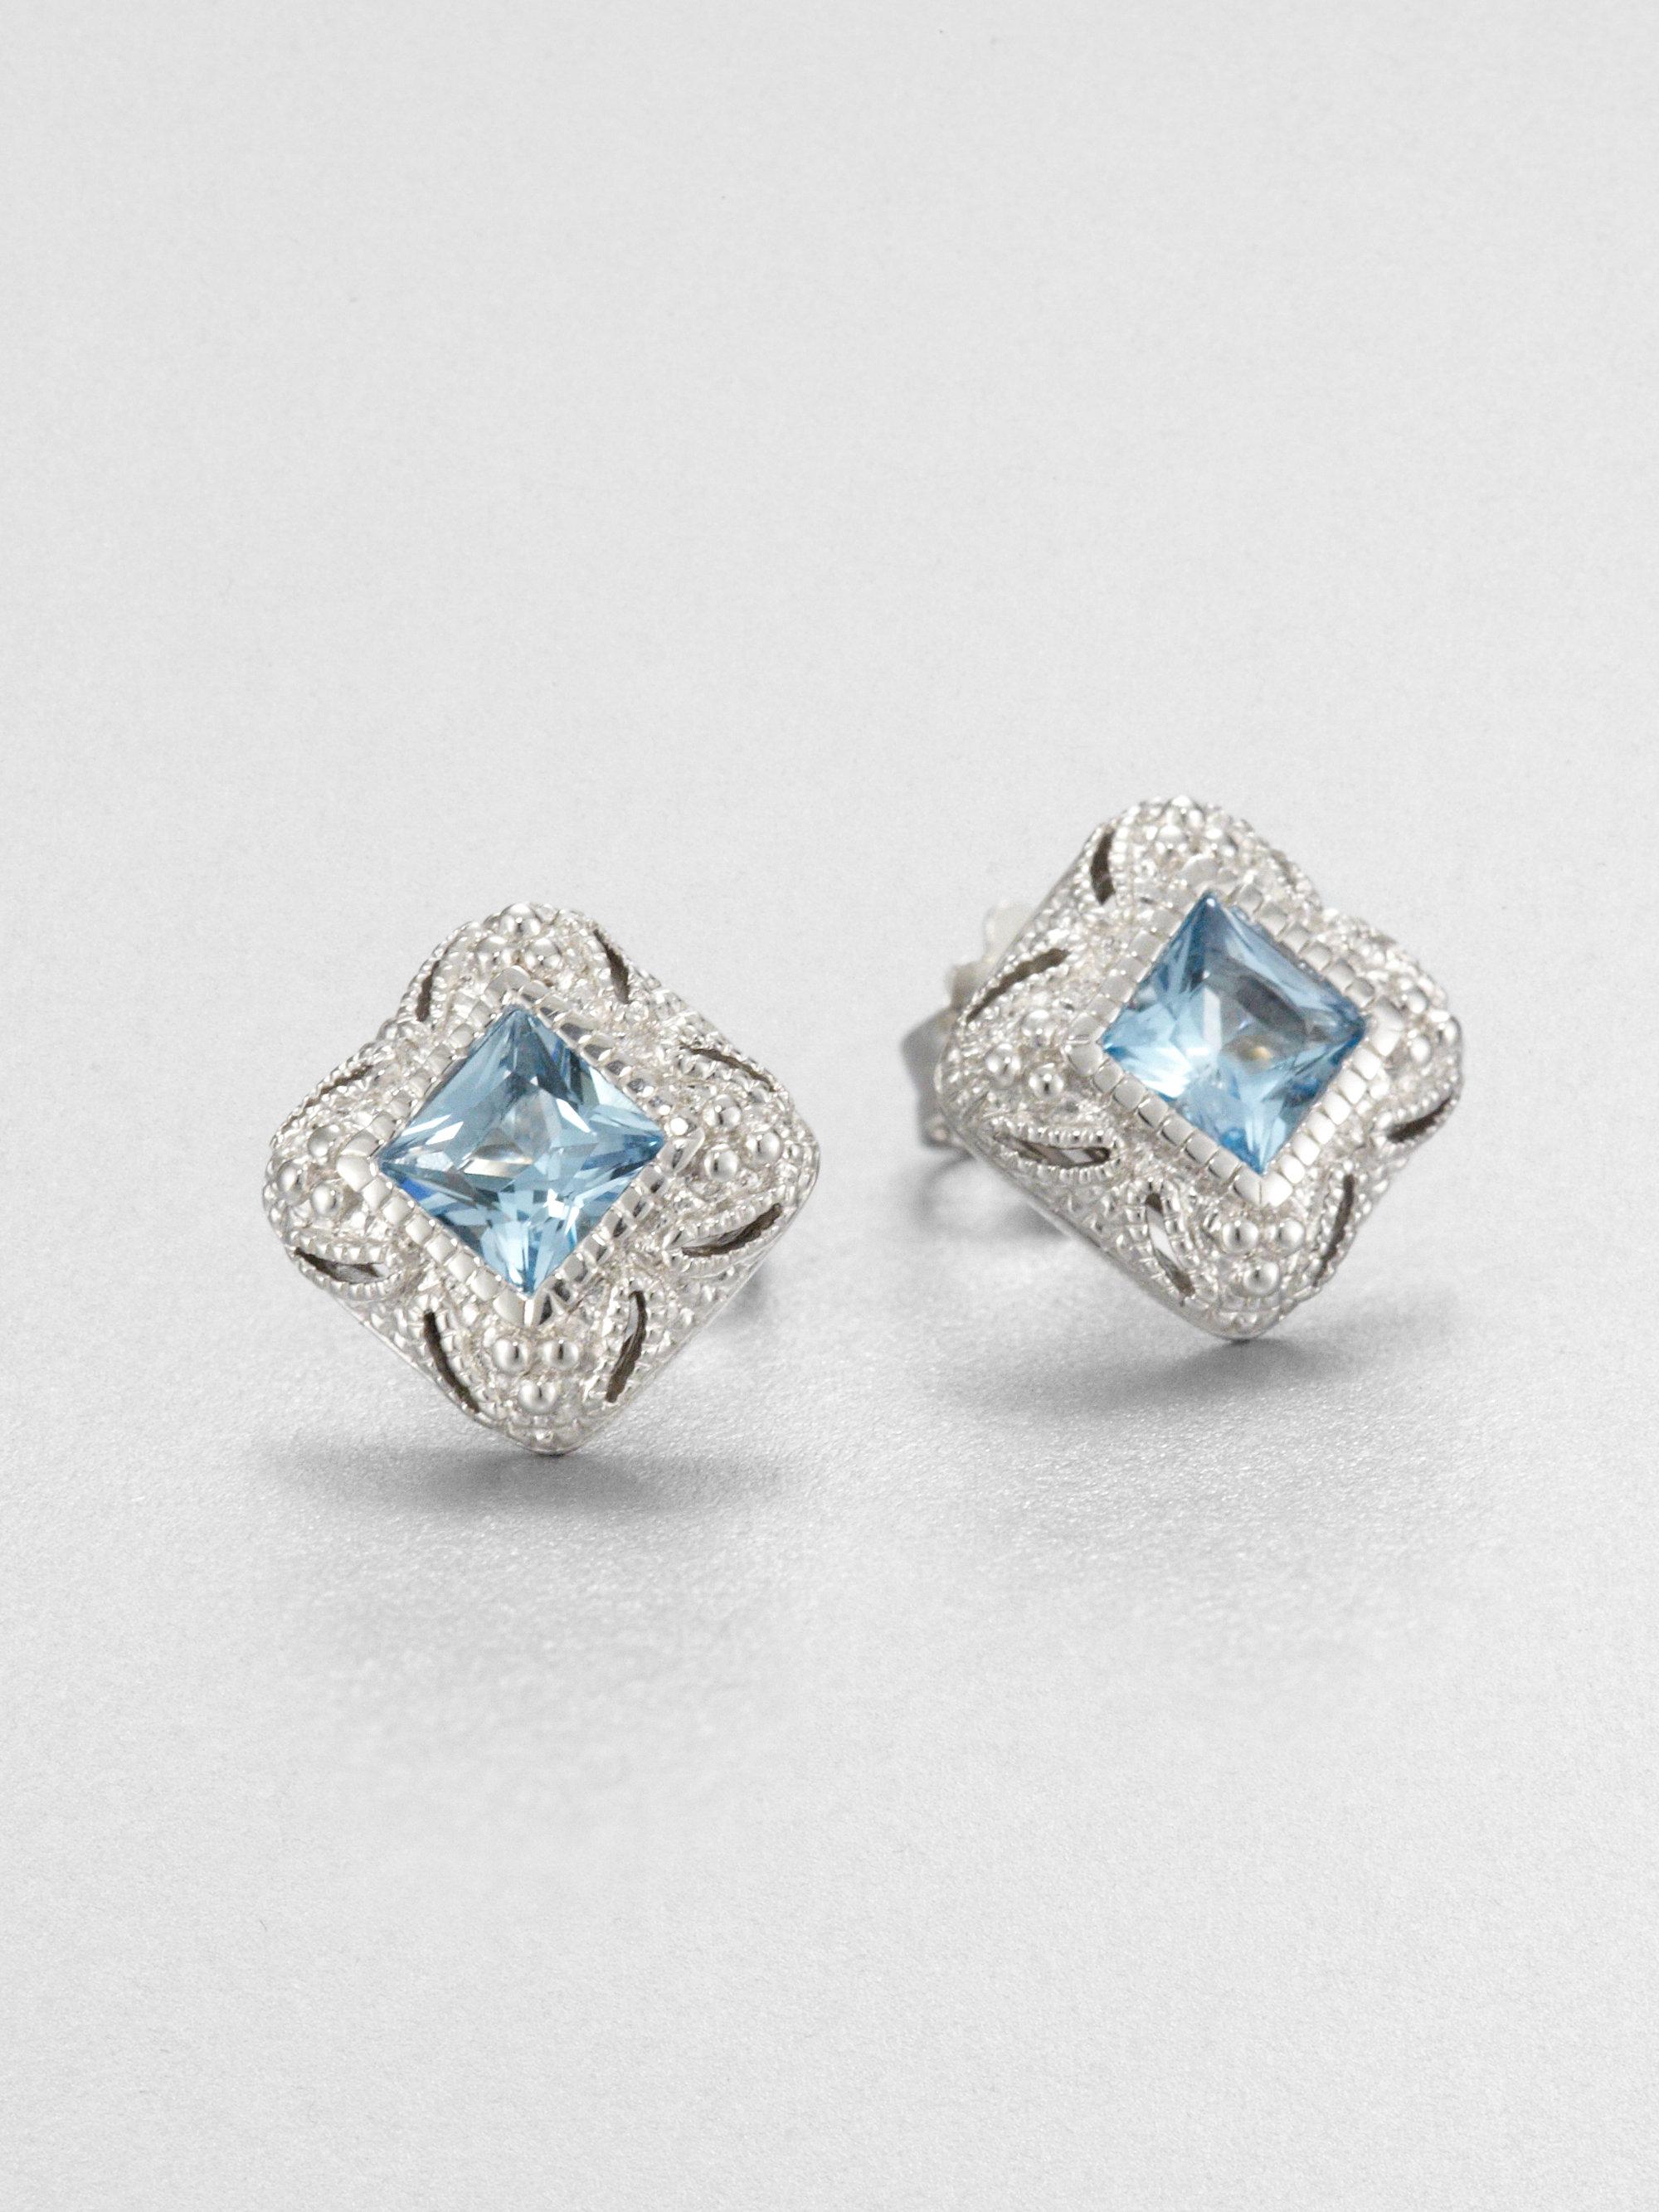 judith ripka estate blue topaz sterling silver stud. Black Bedroom Furniture Sets. Home Design Ideas